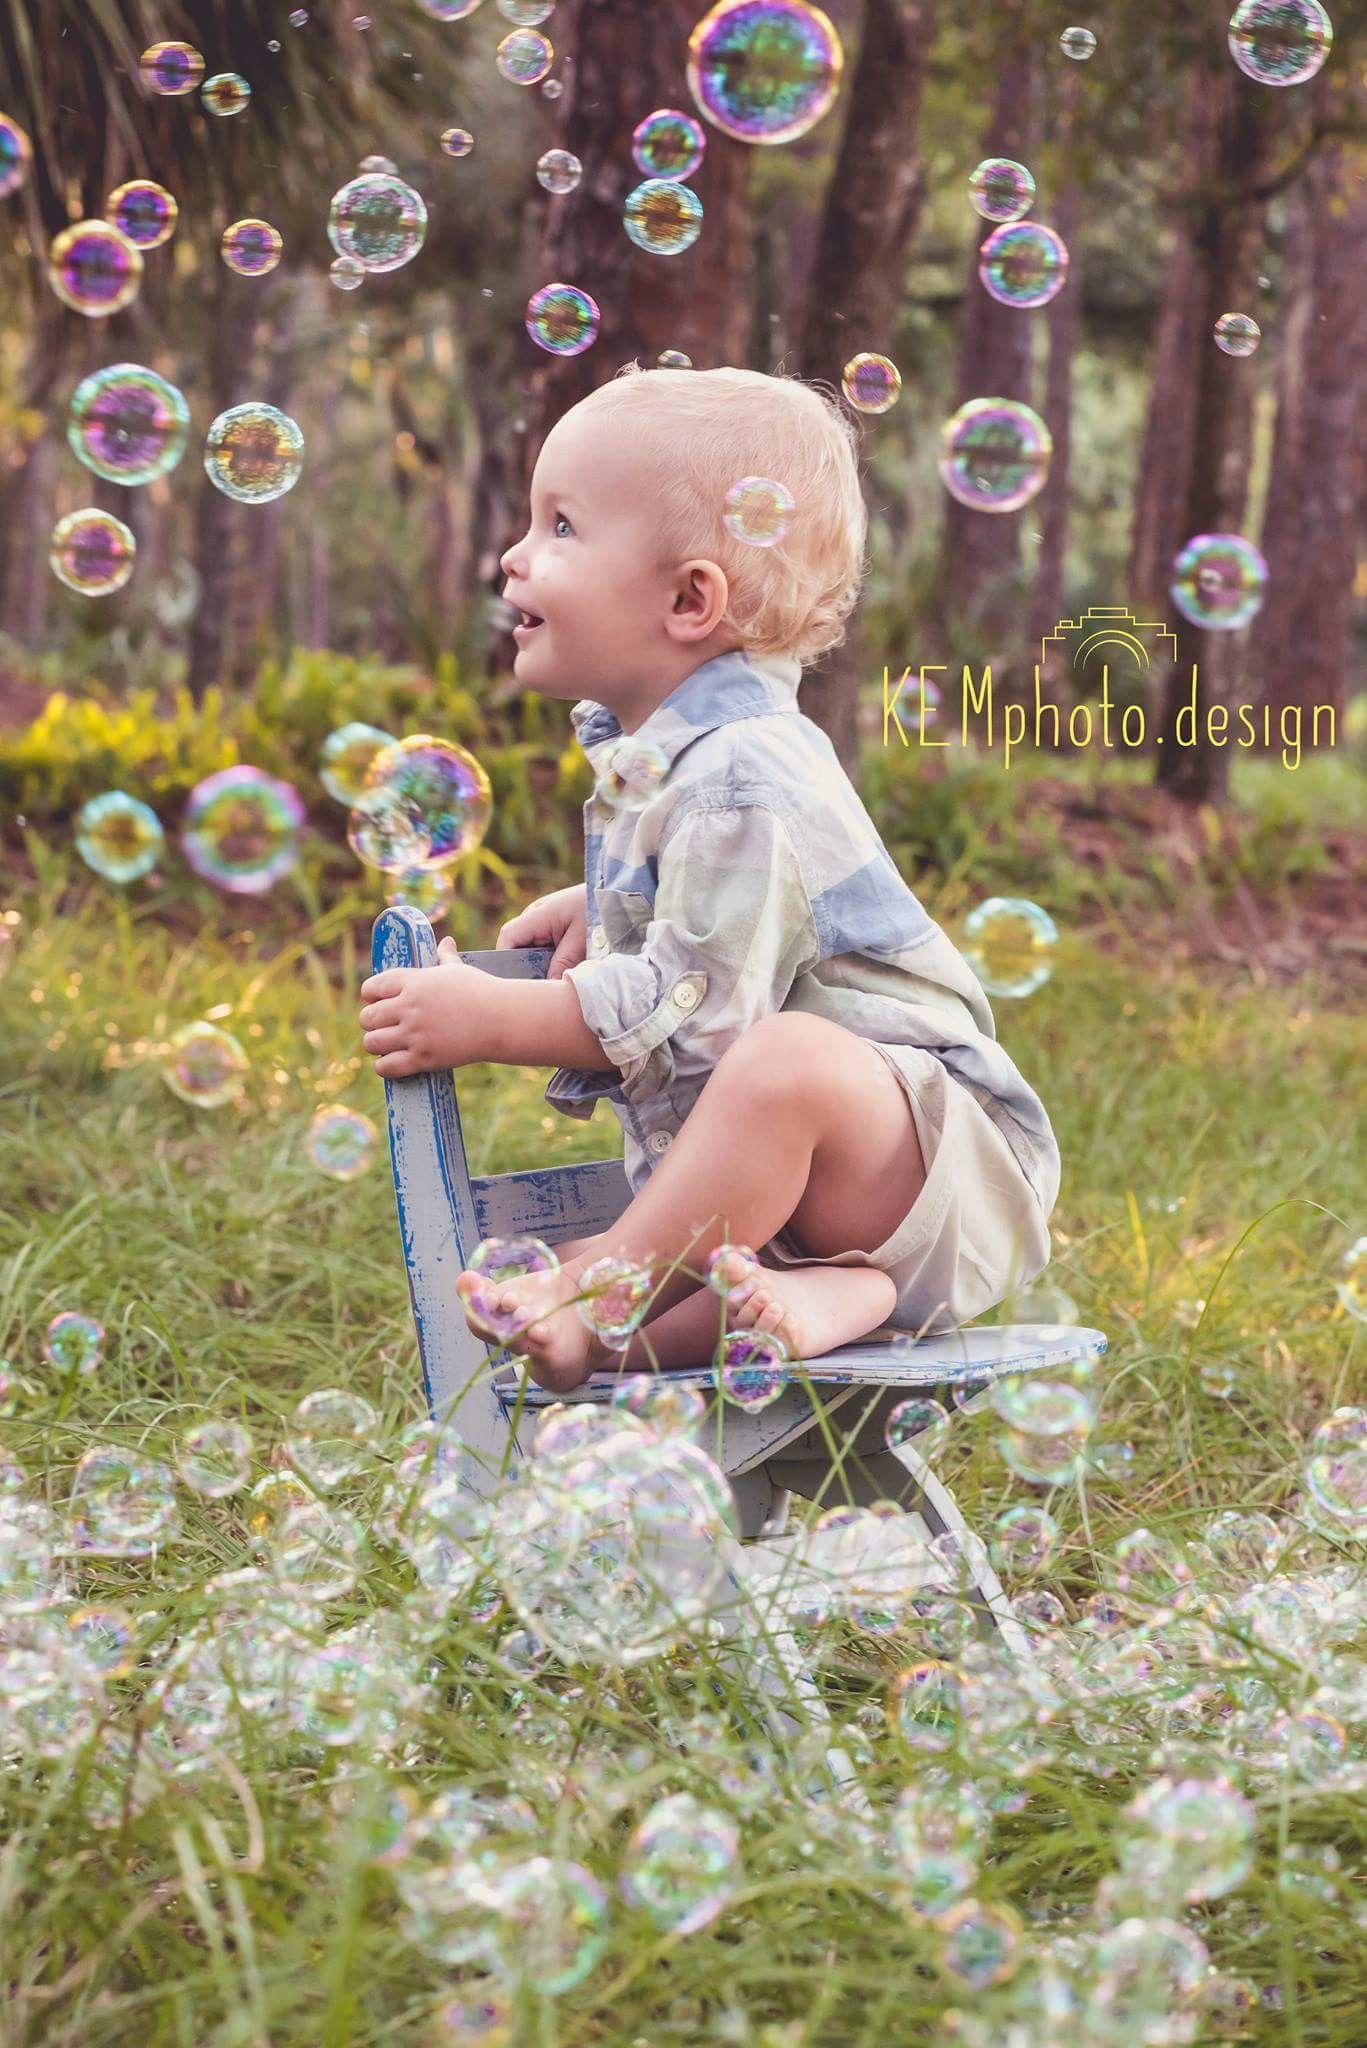 1 Year Photoshoot Ideas Boy : photoshoot, ideas, Bubble, Photoshoot, Birthday, Photoshoot,, Pictures